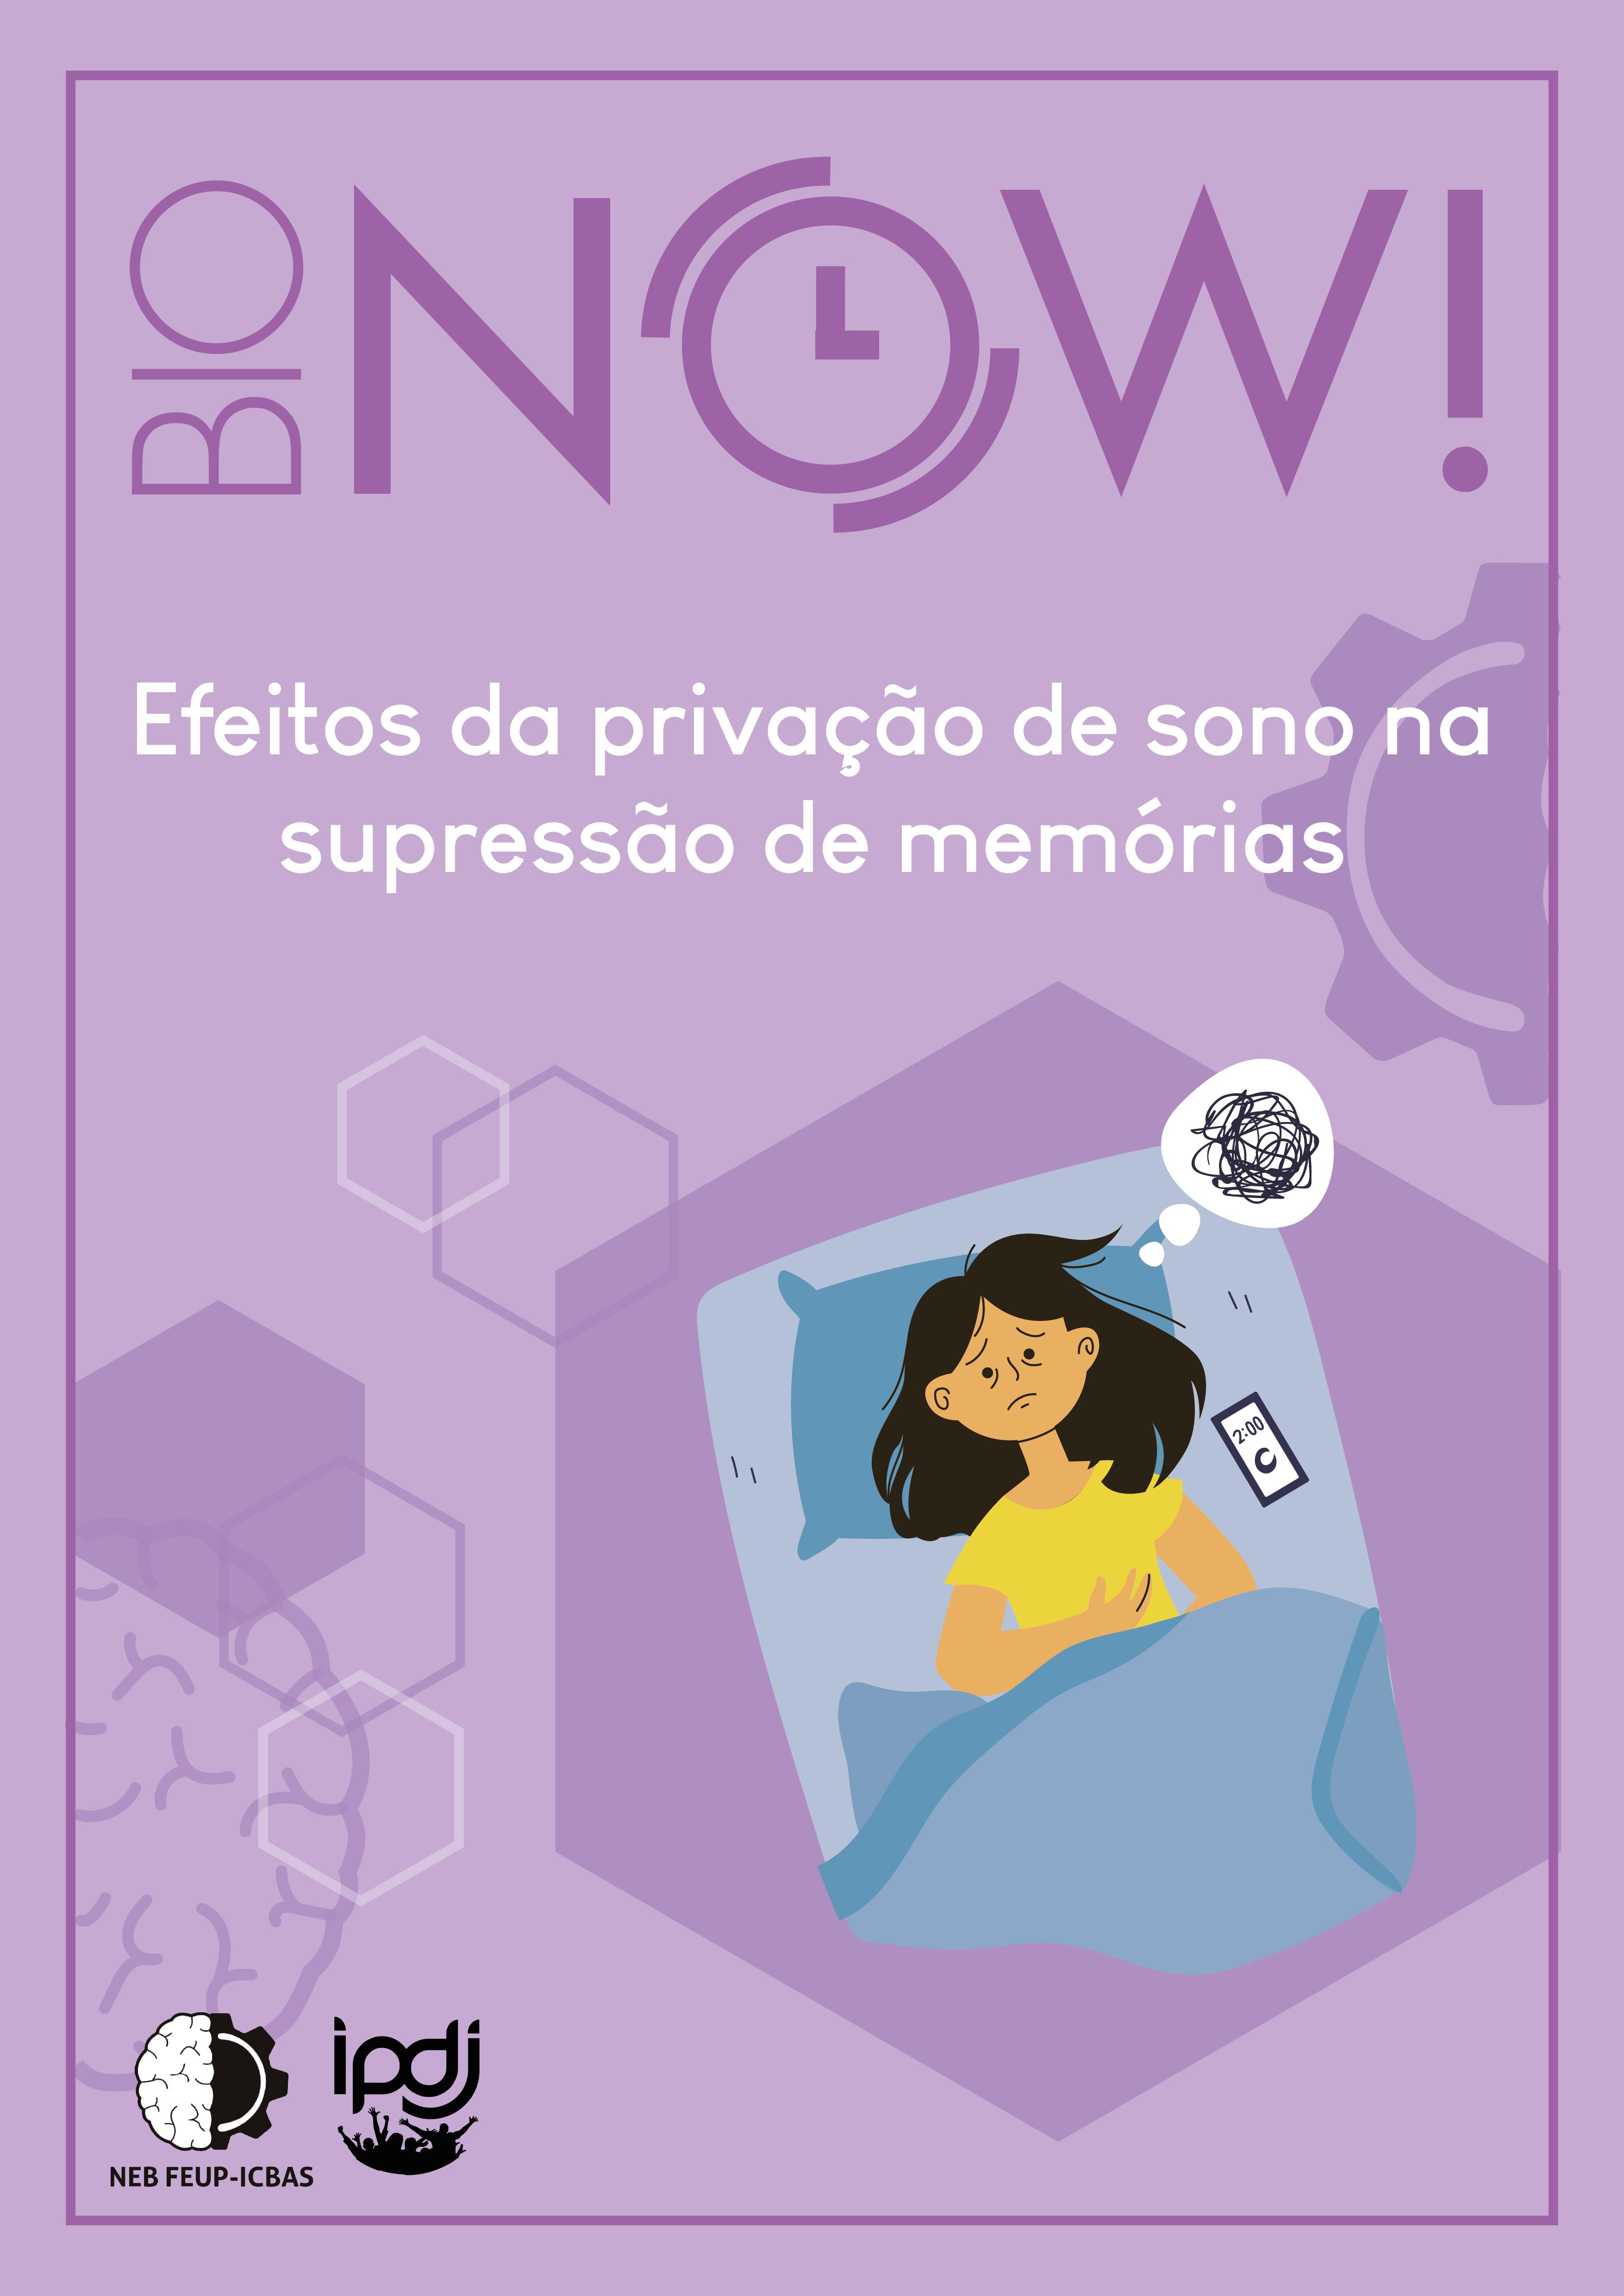 bionow_7